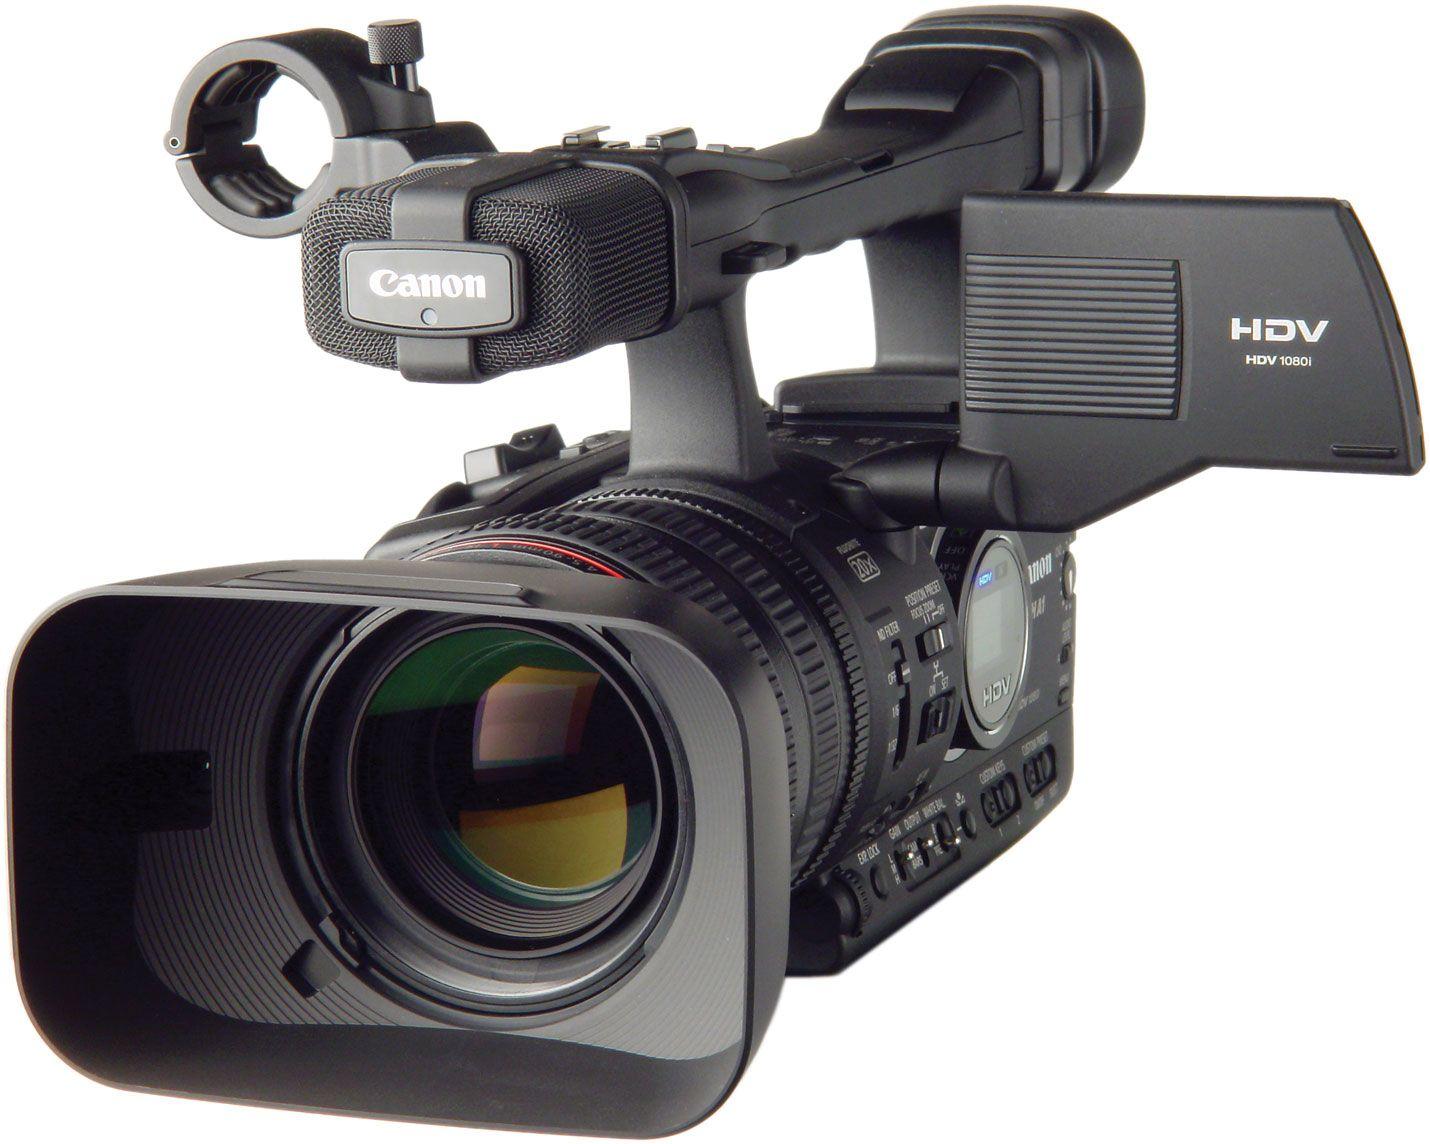 Cameras Hdv Cameras Musisimedia Com Video Camera Best Camera Camera Rentals